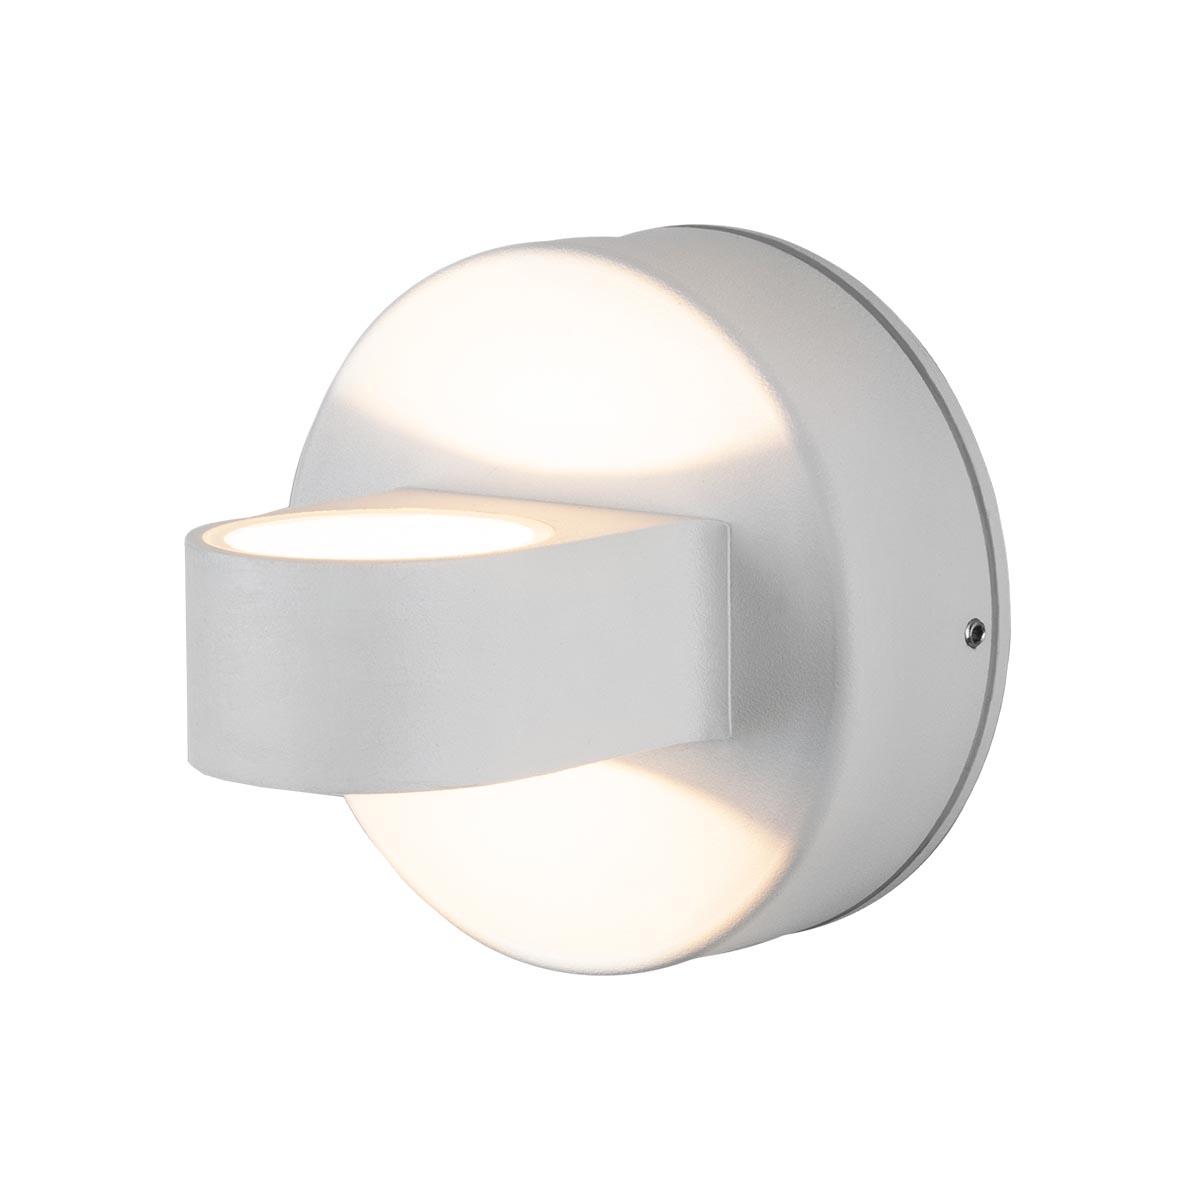 Светильник Elektrostandard 4690389150111 Glow светильник elektrostandard 4690389150111 glow